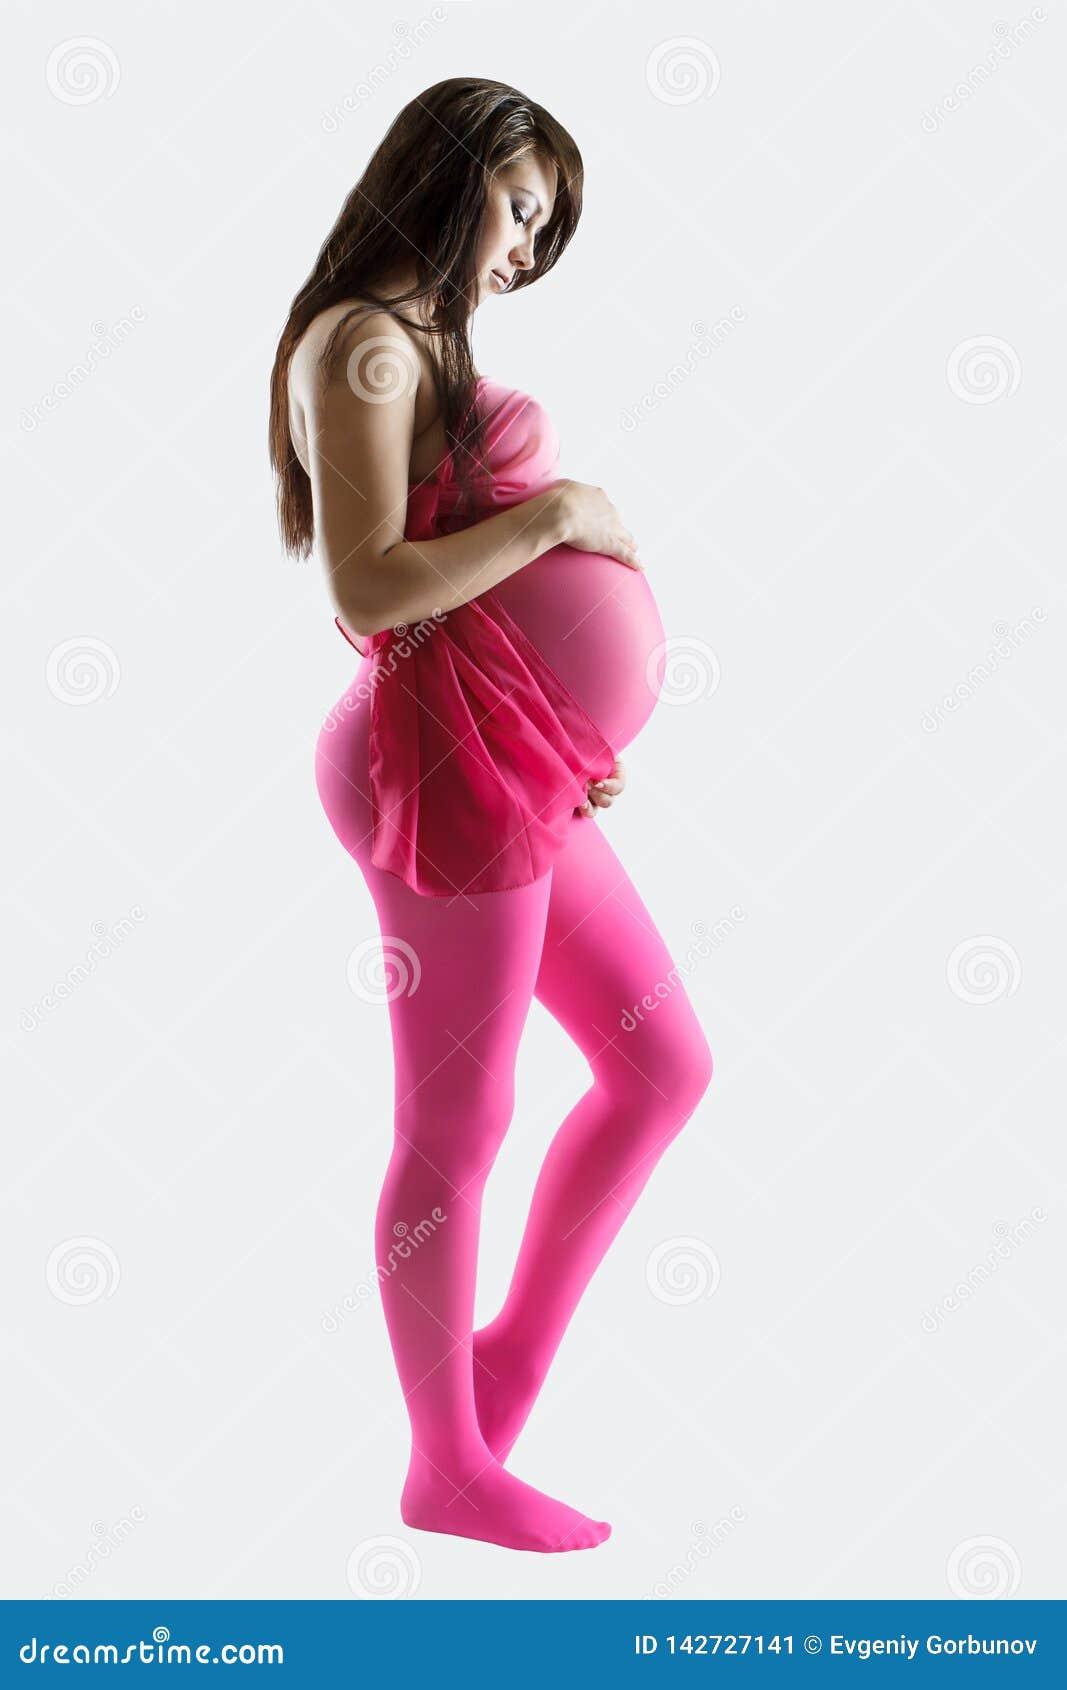 Беременная женщина в розовом предложении leggens держа ее изолированный живот,